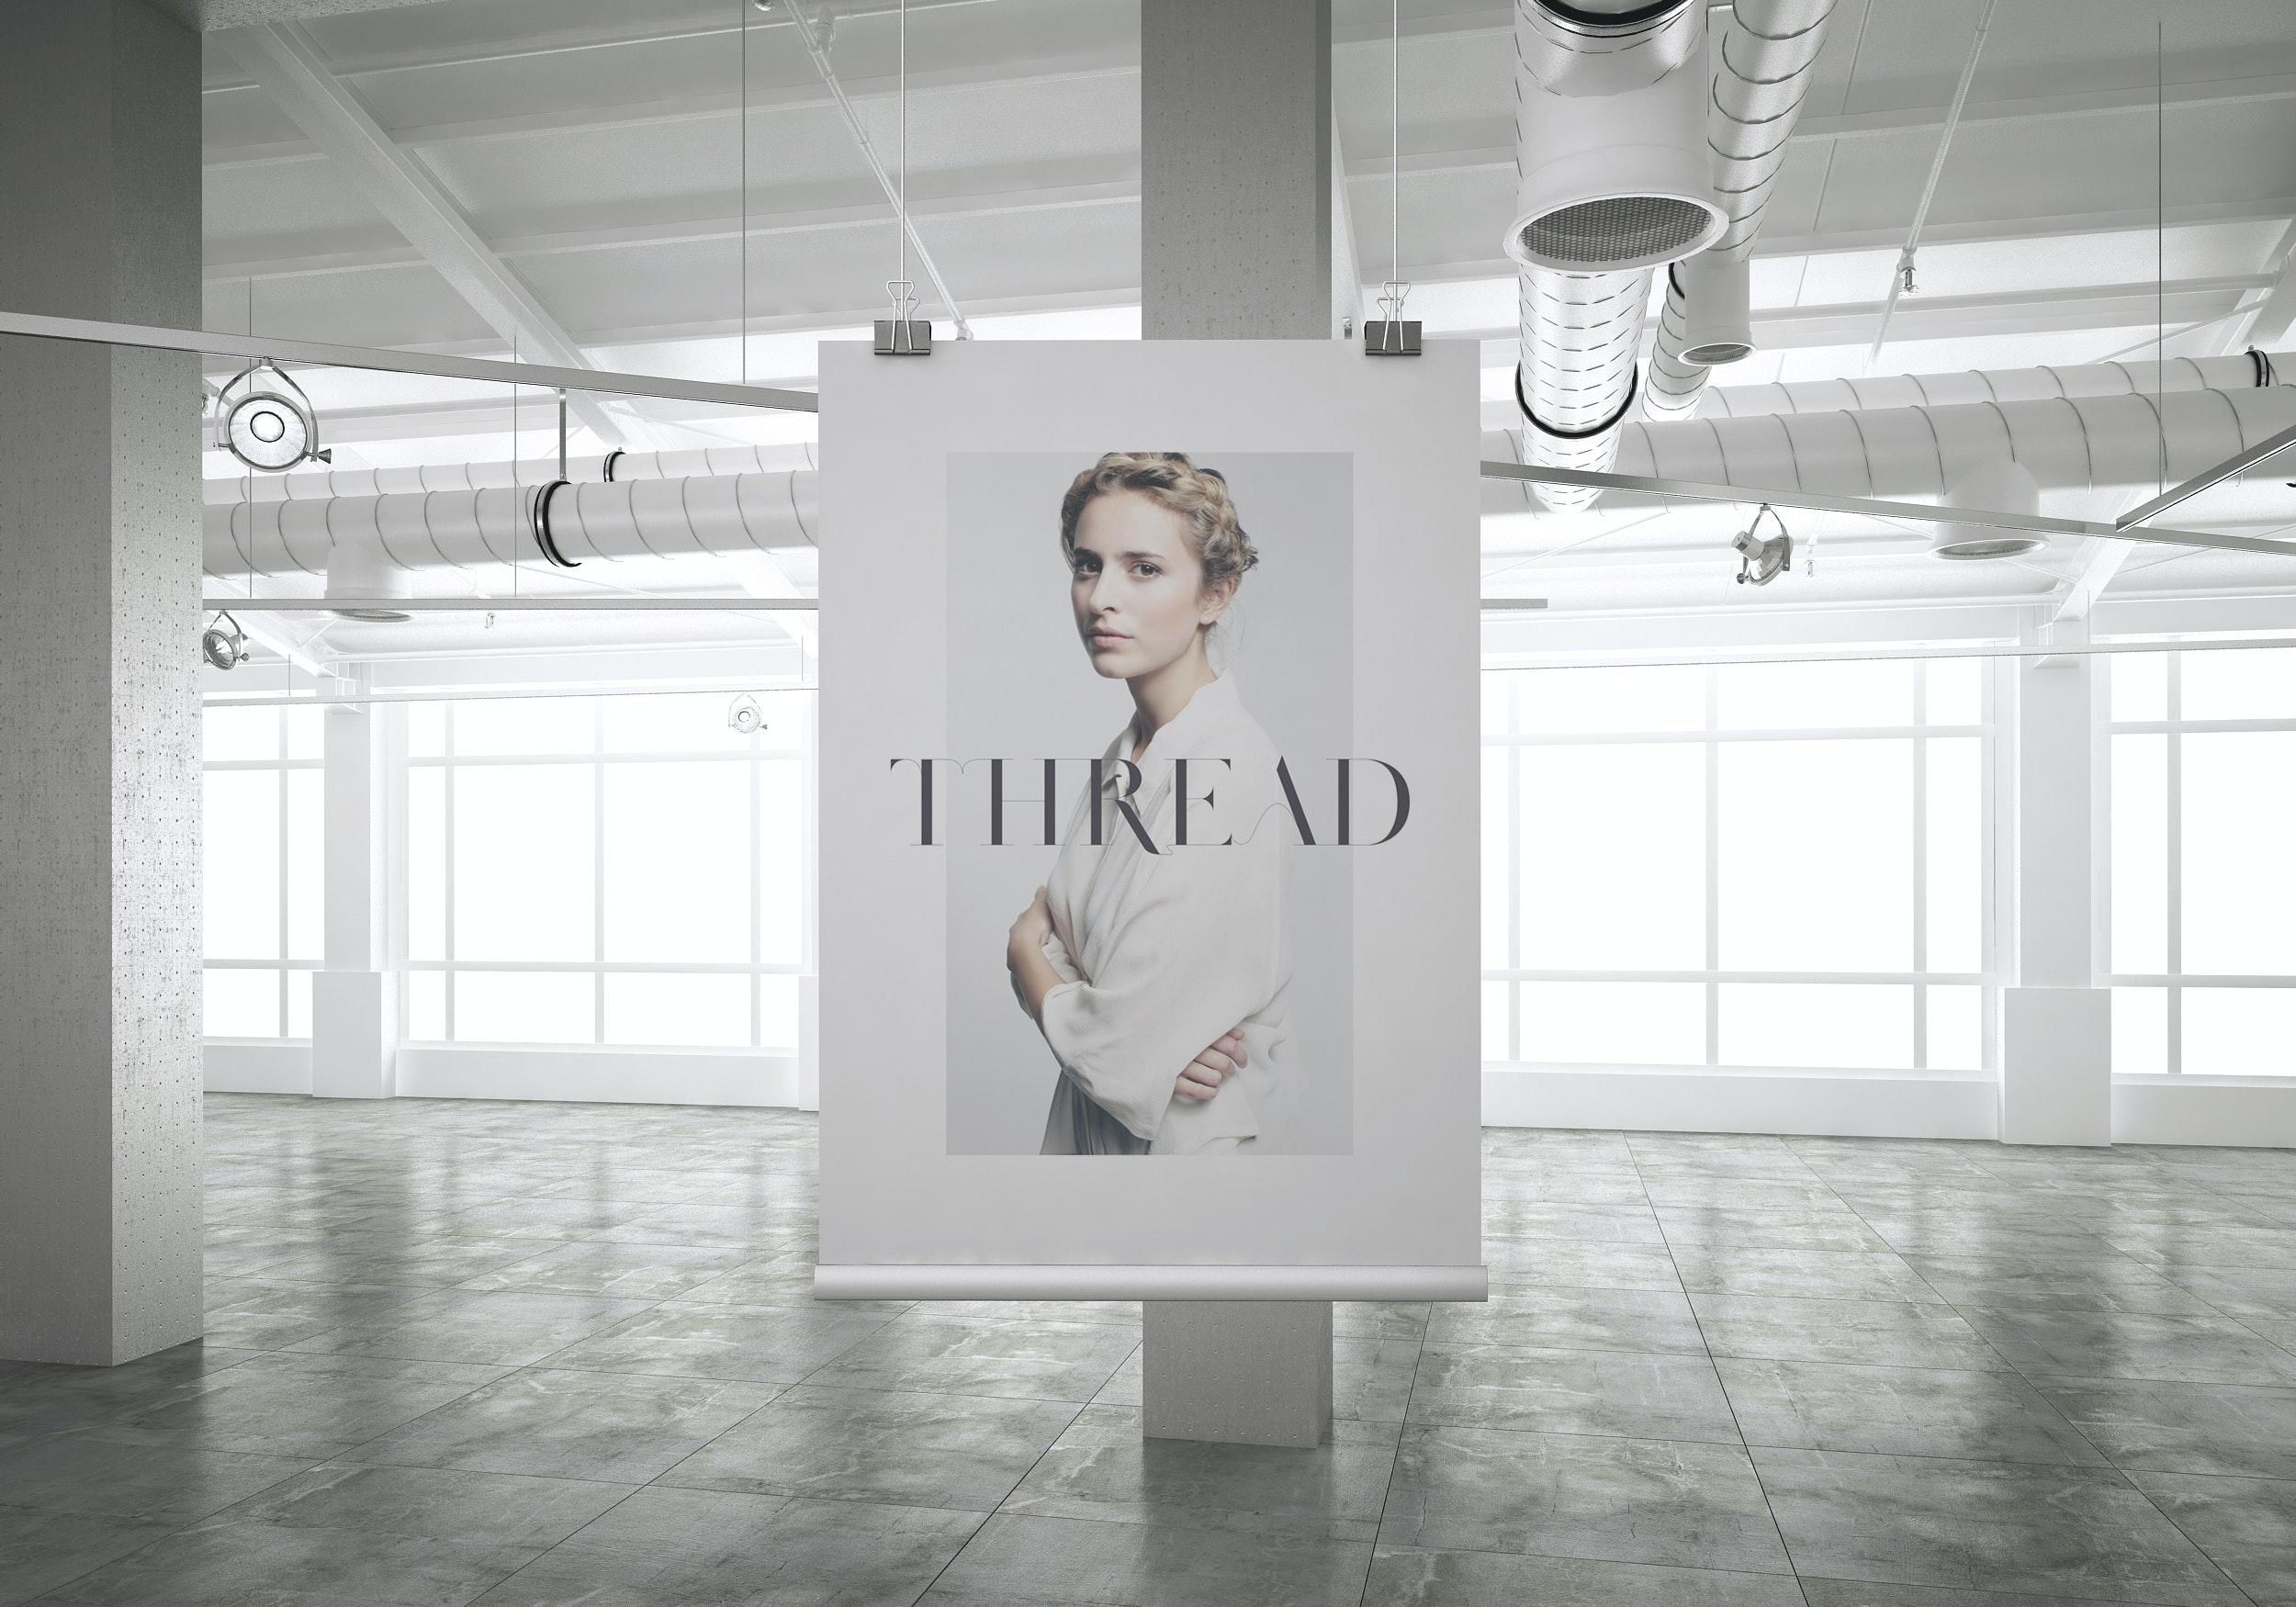 Tim Jarvis - Thread_03